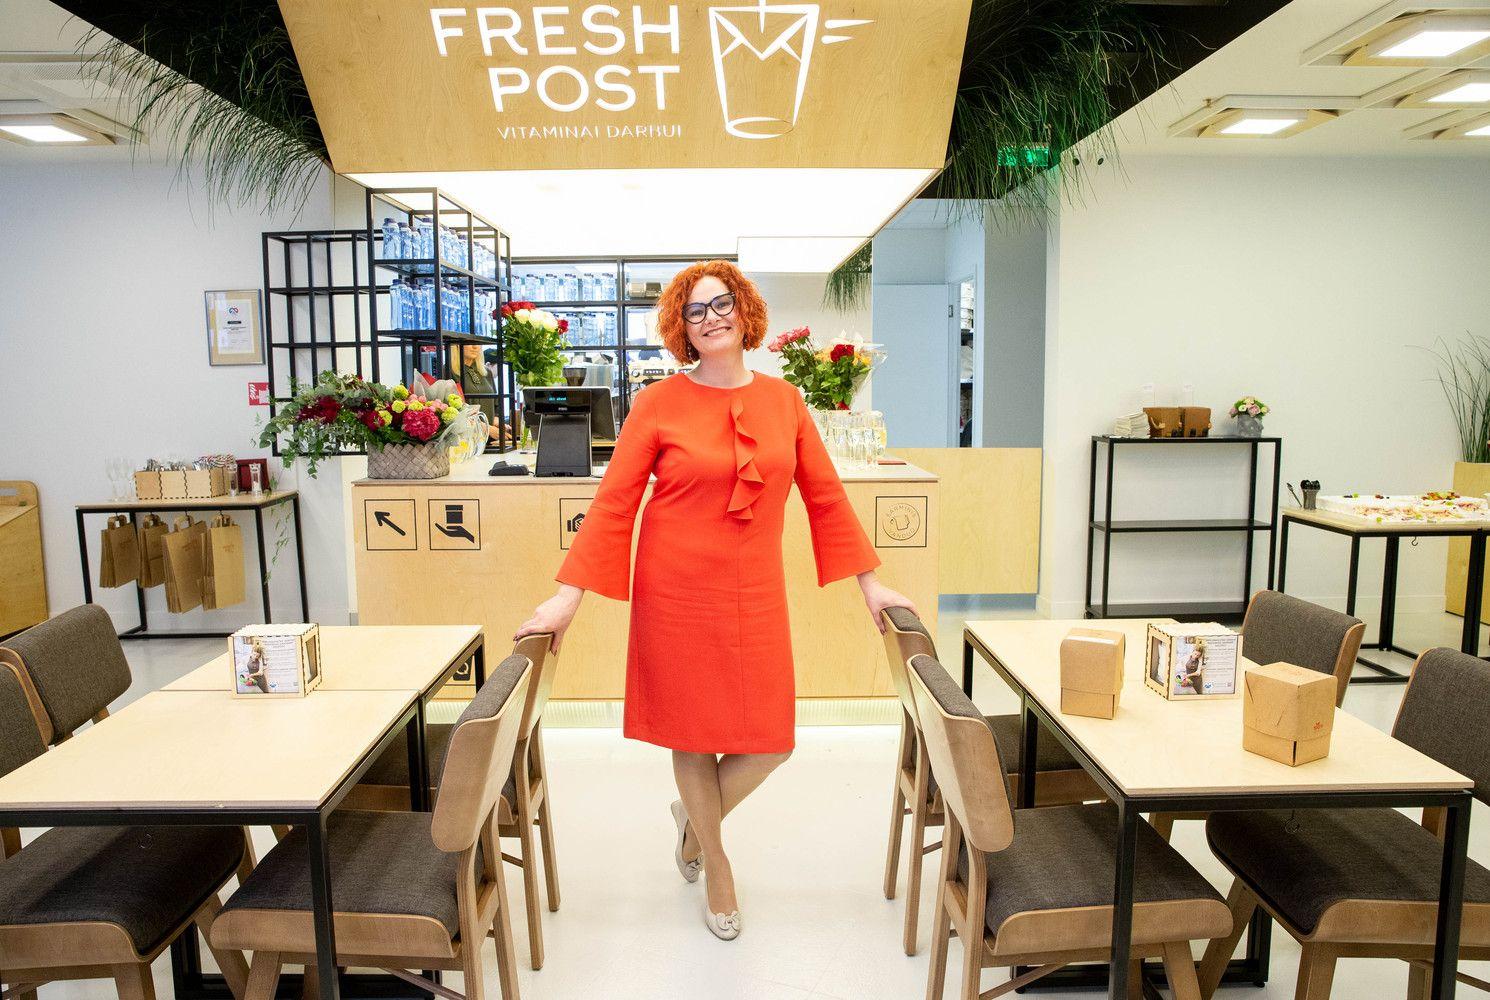 """Iš pagrindinio verslo priedo tapo savarankiška franšize: atidarė antrą """"Fresh Post"""" salotų barą"""